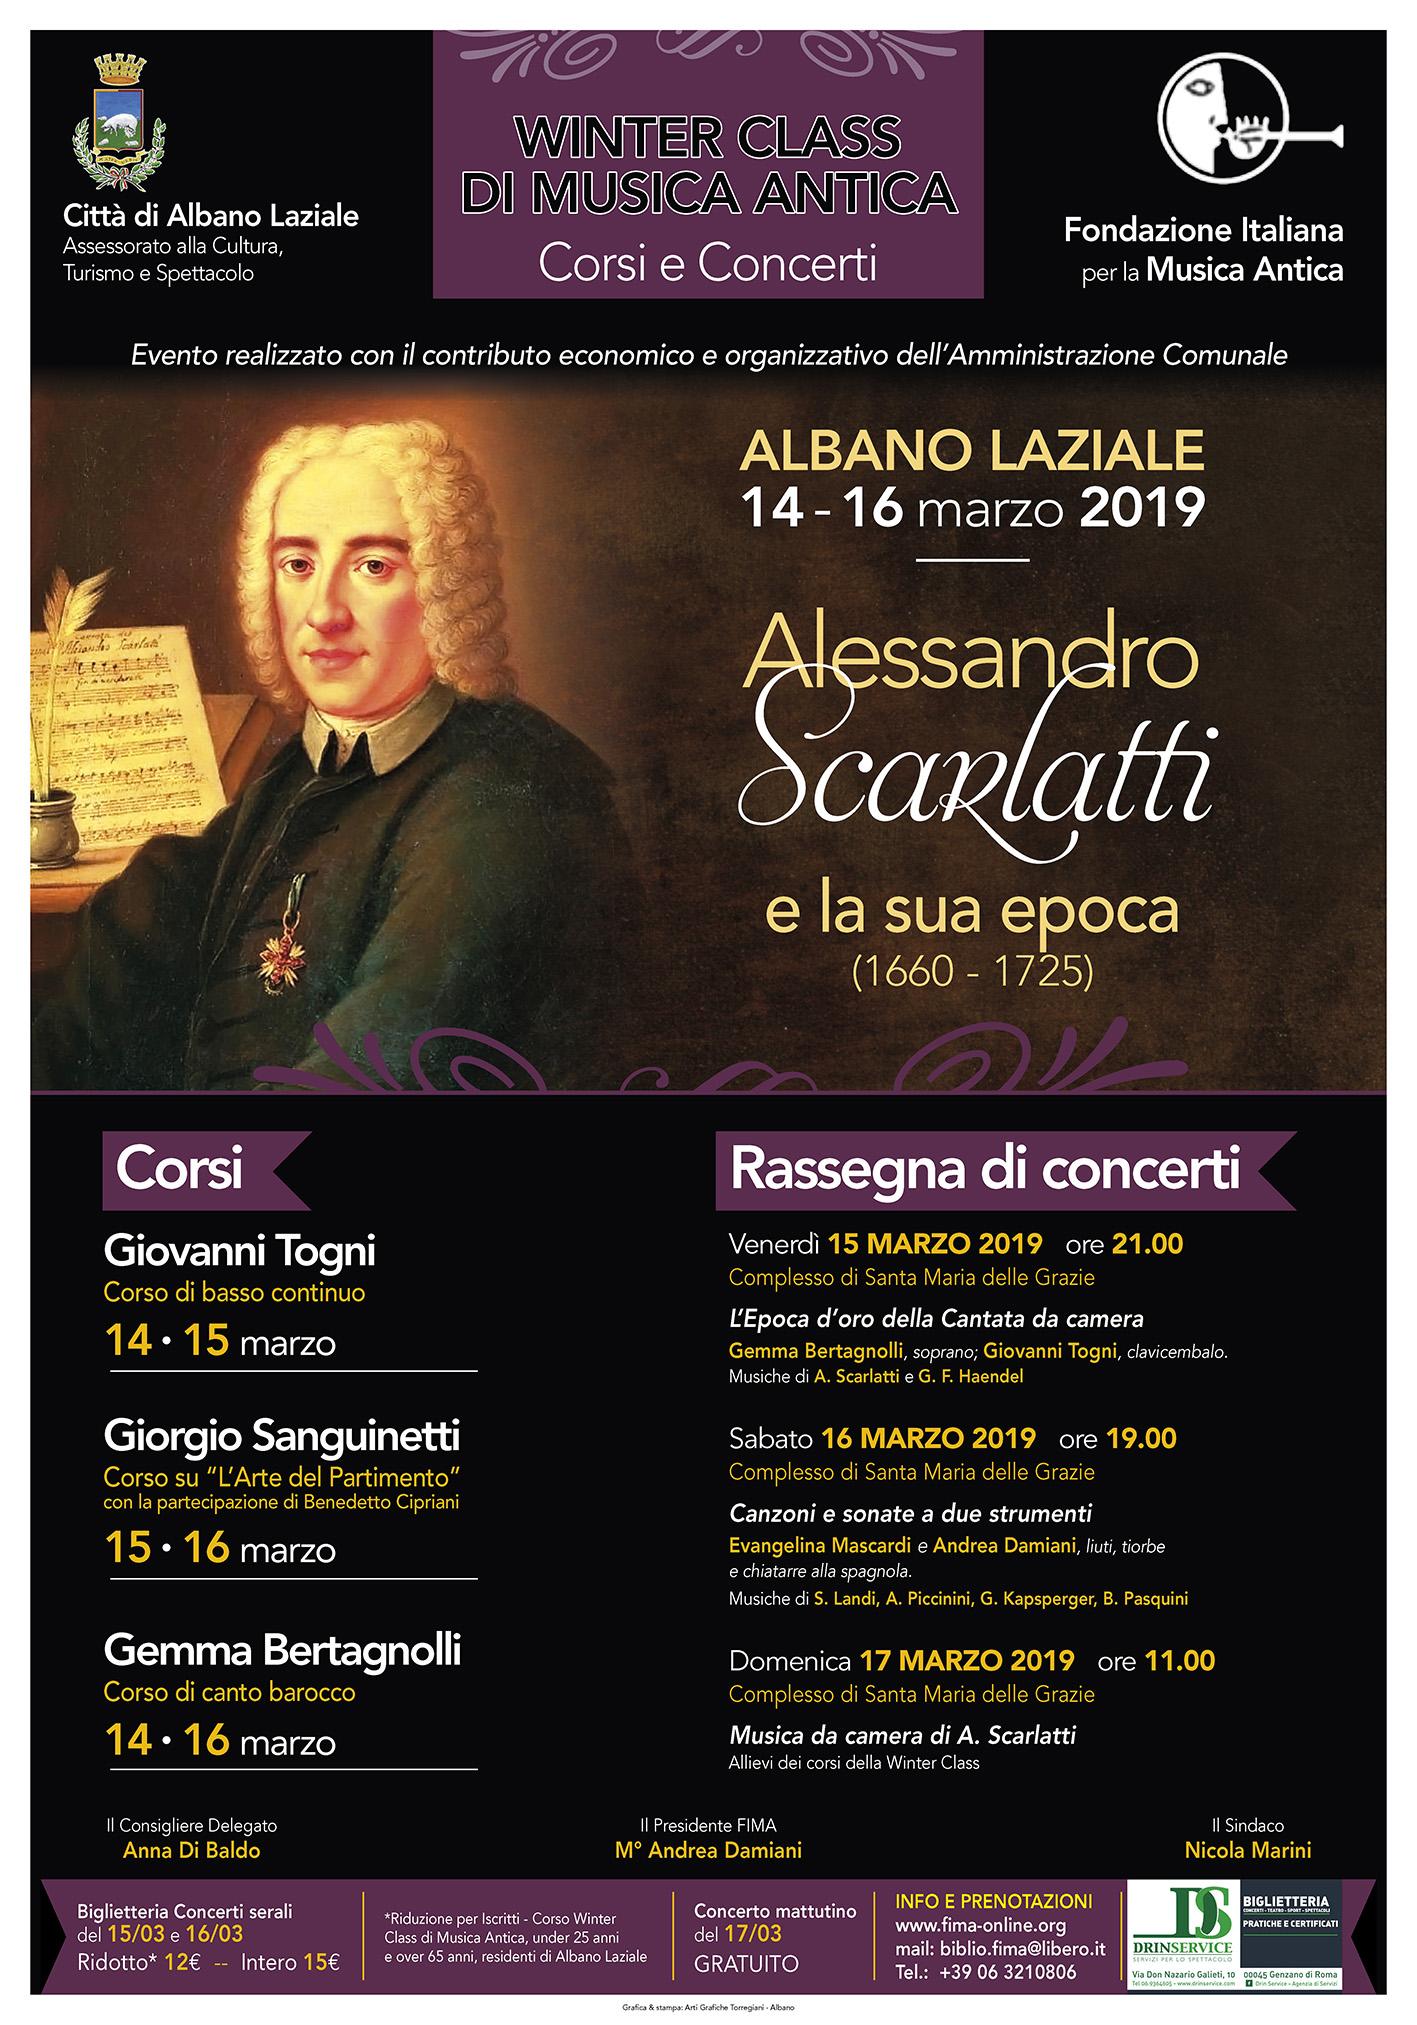 Locandina Winter Class di Musica Antica